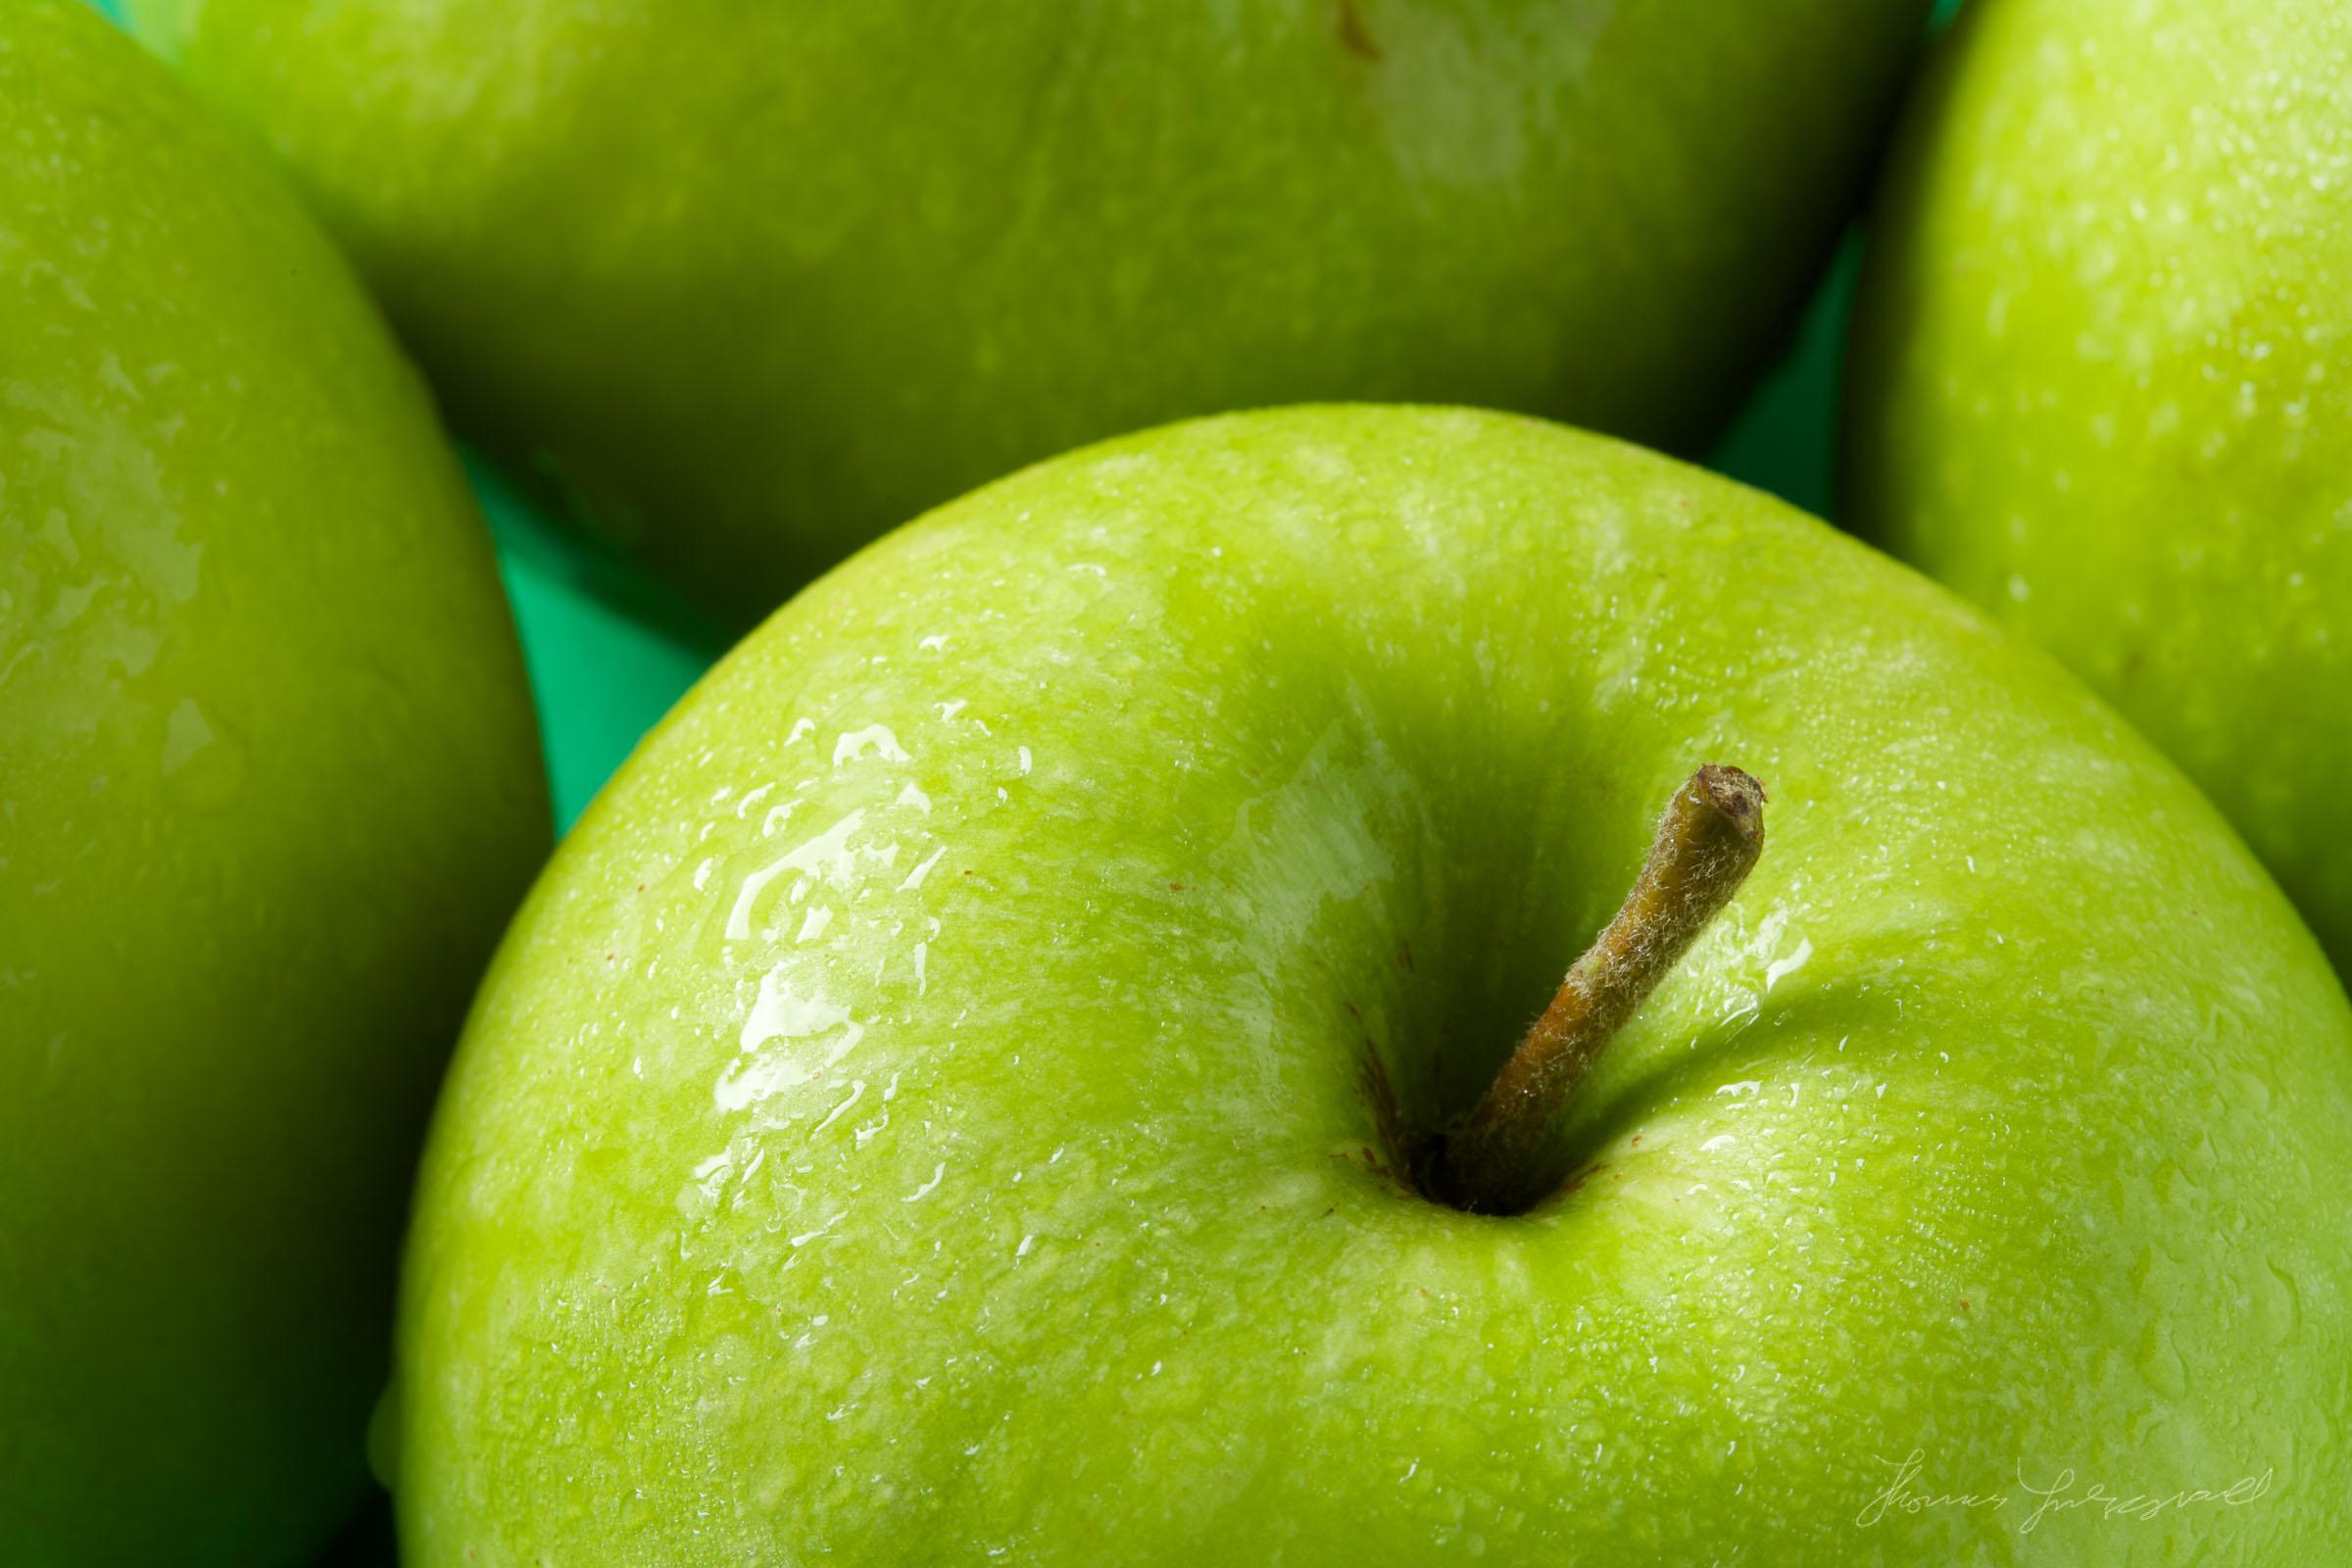 gren apples